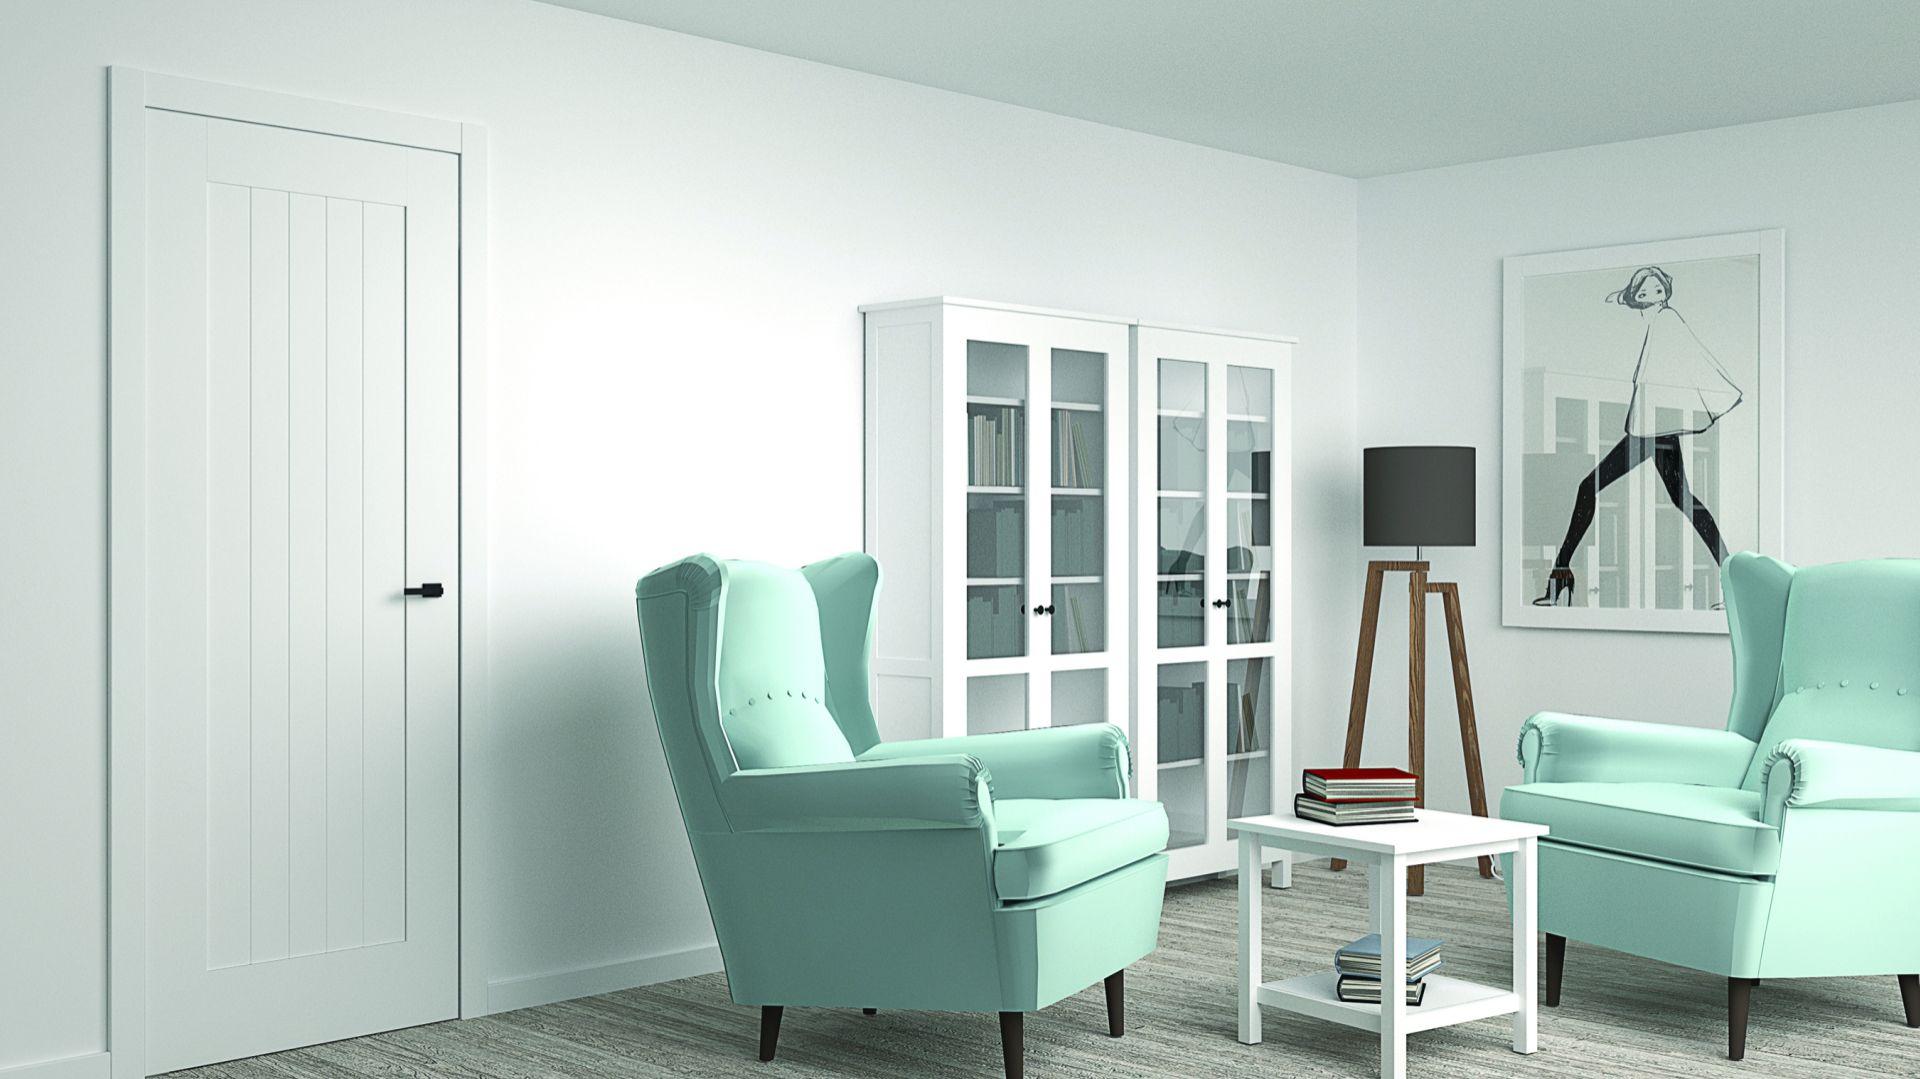 Drzwi Asilo, model SKANDIK/Entra. Produkt zgłoszony do konkursu Dobry Design 2018.